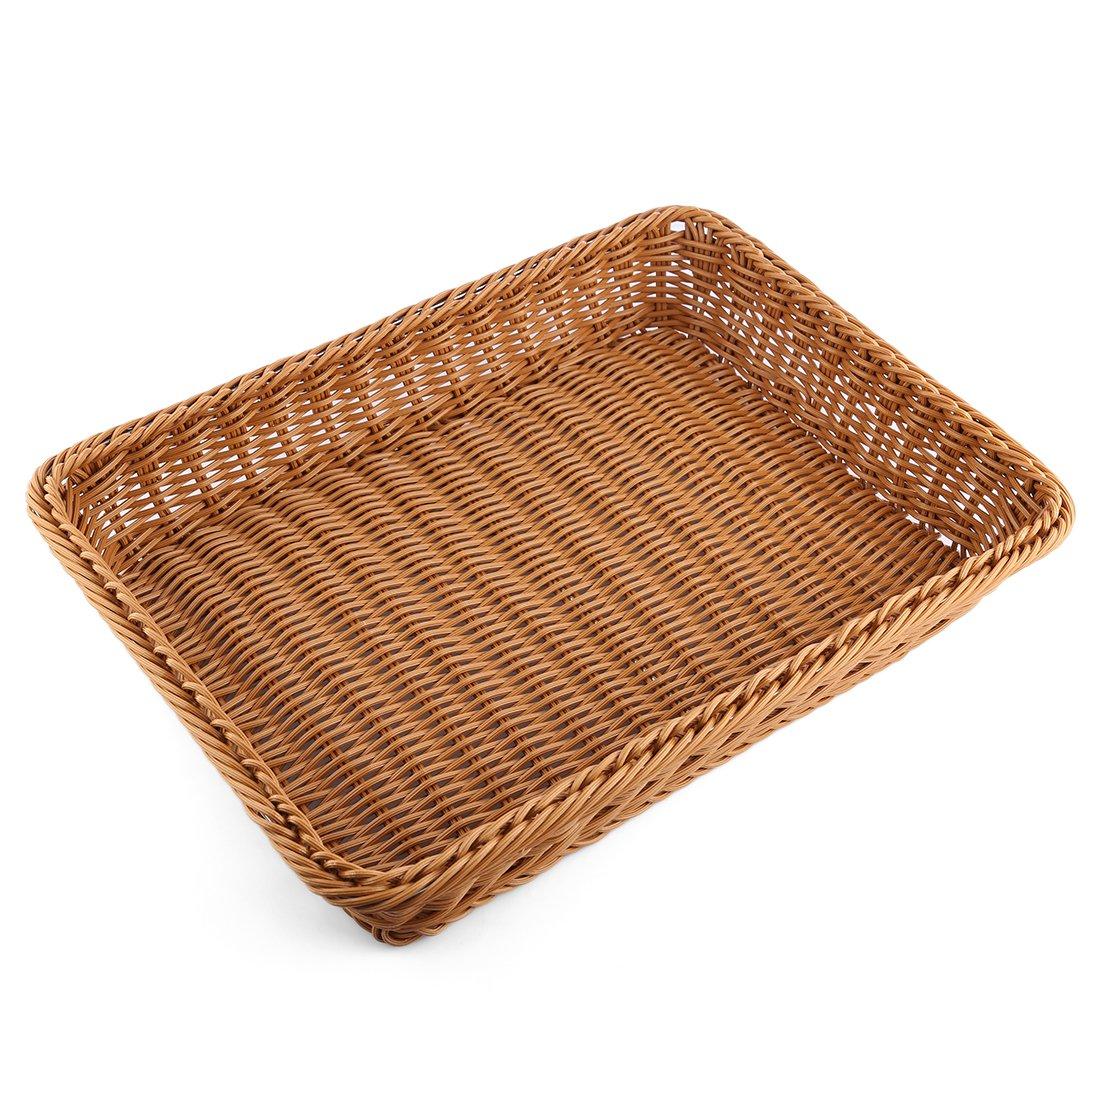 Bread Fruit Basket,Haoun Oval Tabletop Food Serving Basket,Restaurant Market Serving Display Basket - Brown,Large